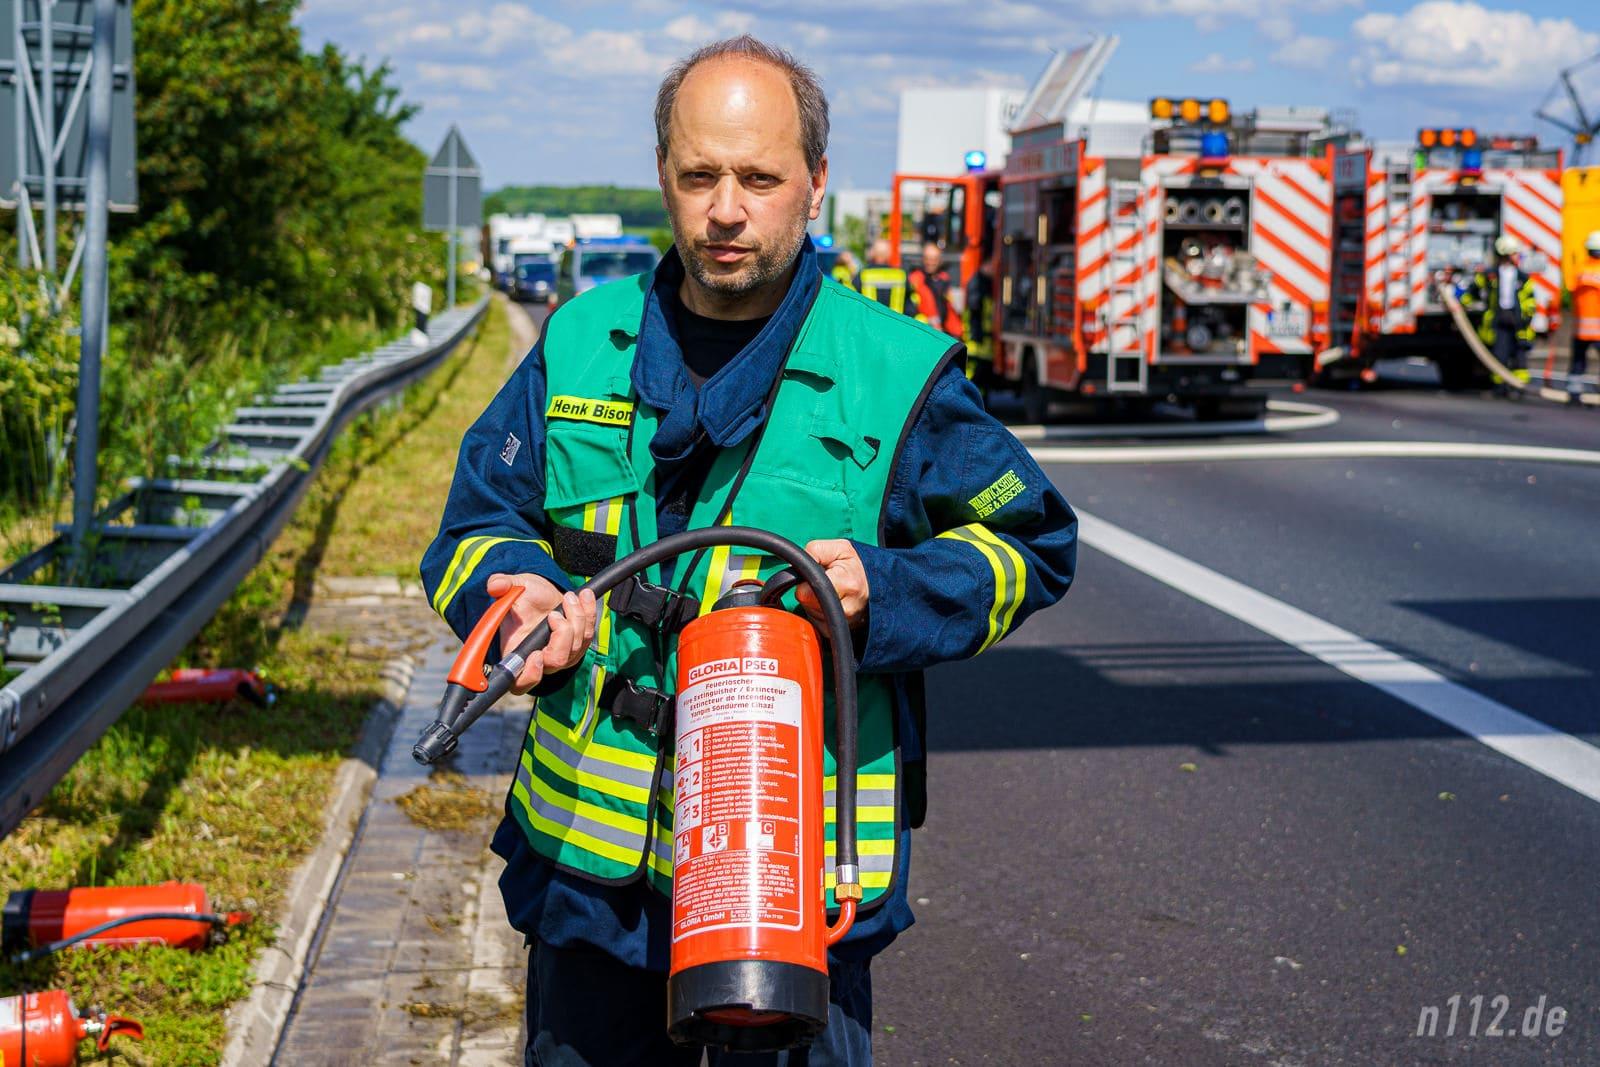 Pressesprecher Henk Bison zeigt einen Feuerlöscher, den LKW an Bord haben. Doch auch schon kleine Feuerlöscher für 30-40 Euro können ein Leben retten! (Foto: n112.de/Stefan Hillen)